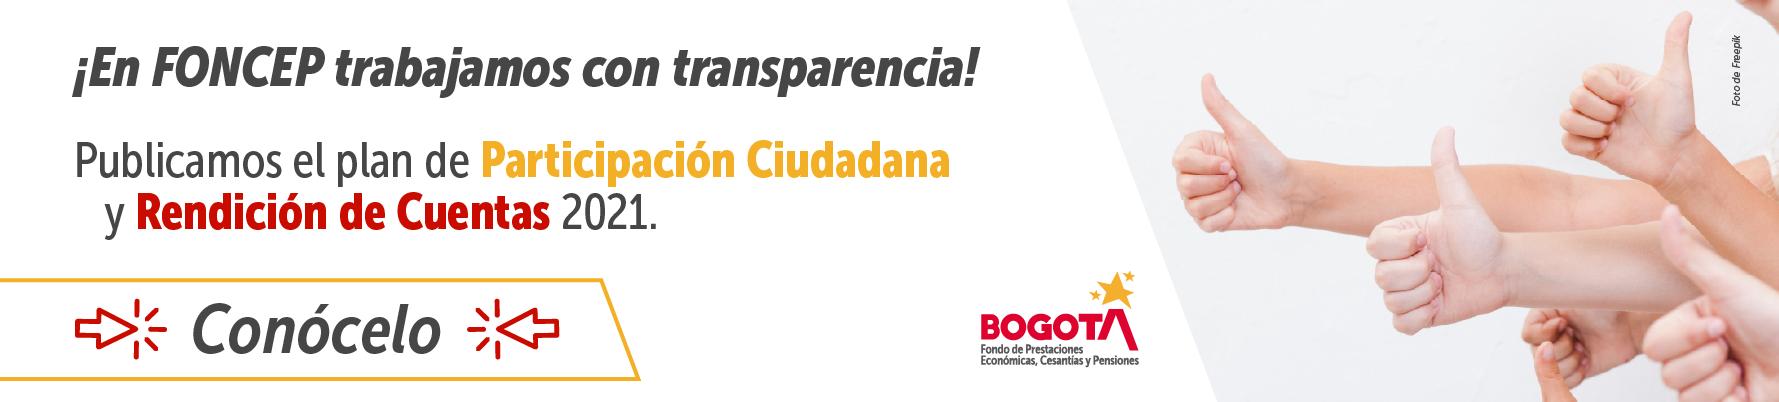 Plan de Participación Ciudadana y Rendición de Cuentas 2021